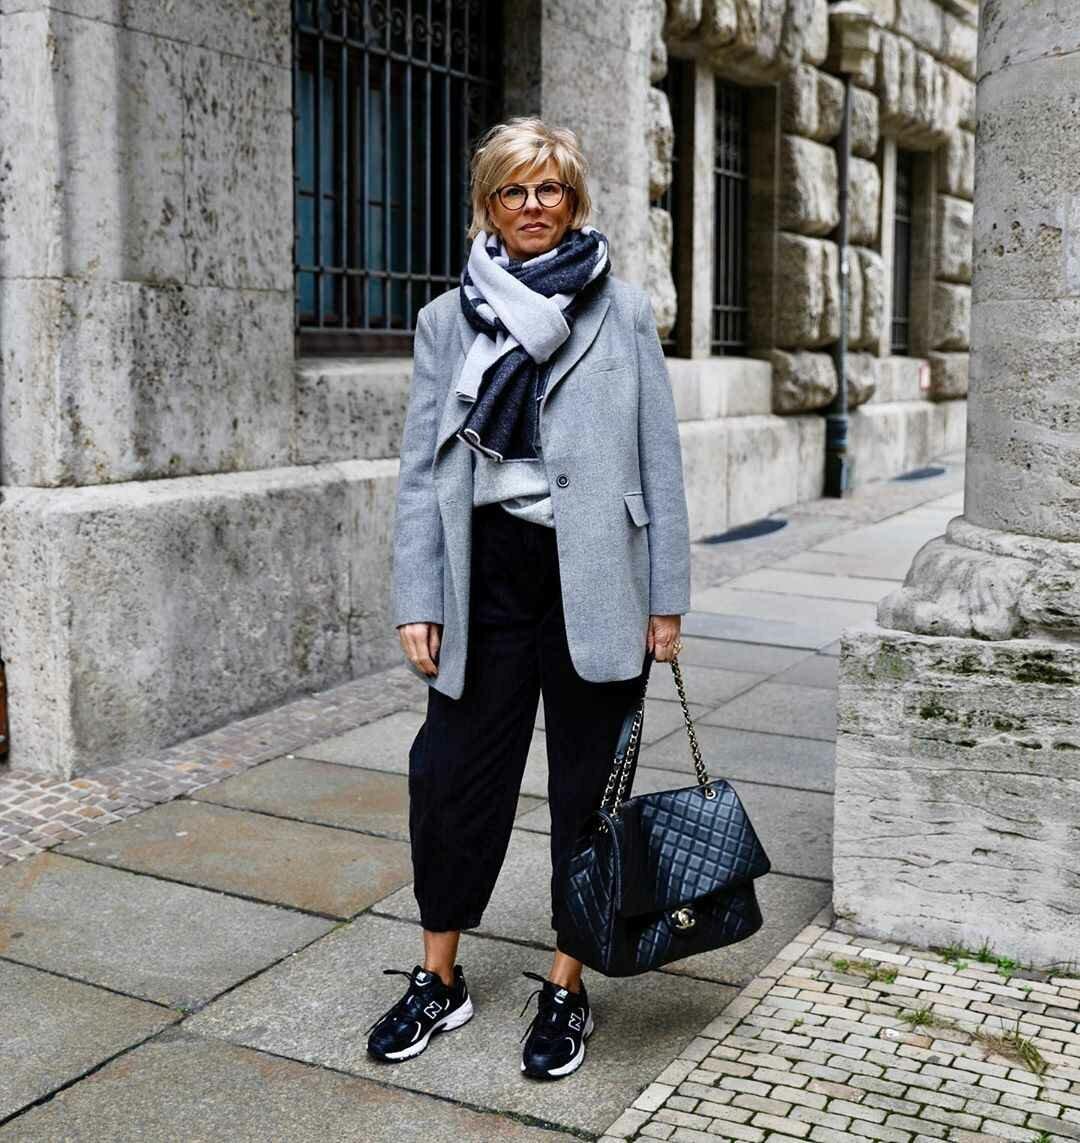 Как после 50 не выглядеть молодящейся дамой? 7 примеров действительно стильных образов аксессуары,внешность,гардероб,красота,мода,мода и красота,модные образы,модные сеты,модные советы,модные тенденции,обувь,одежда и аксессуары,стиль,стиль жизни,уличная мода,фигура